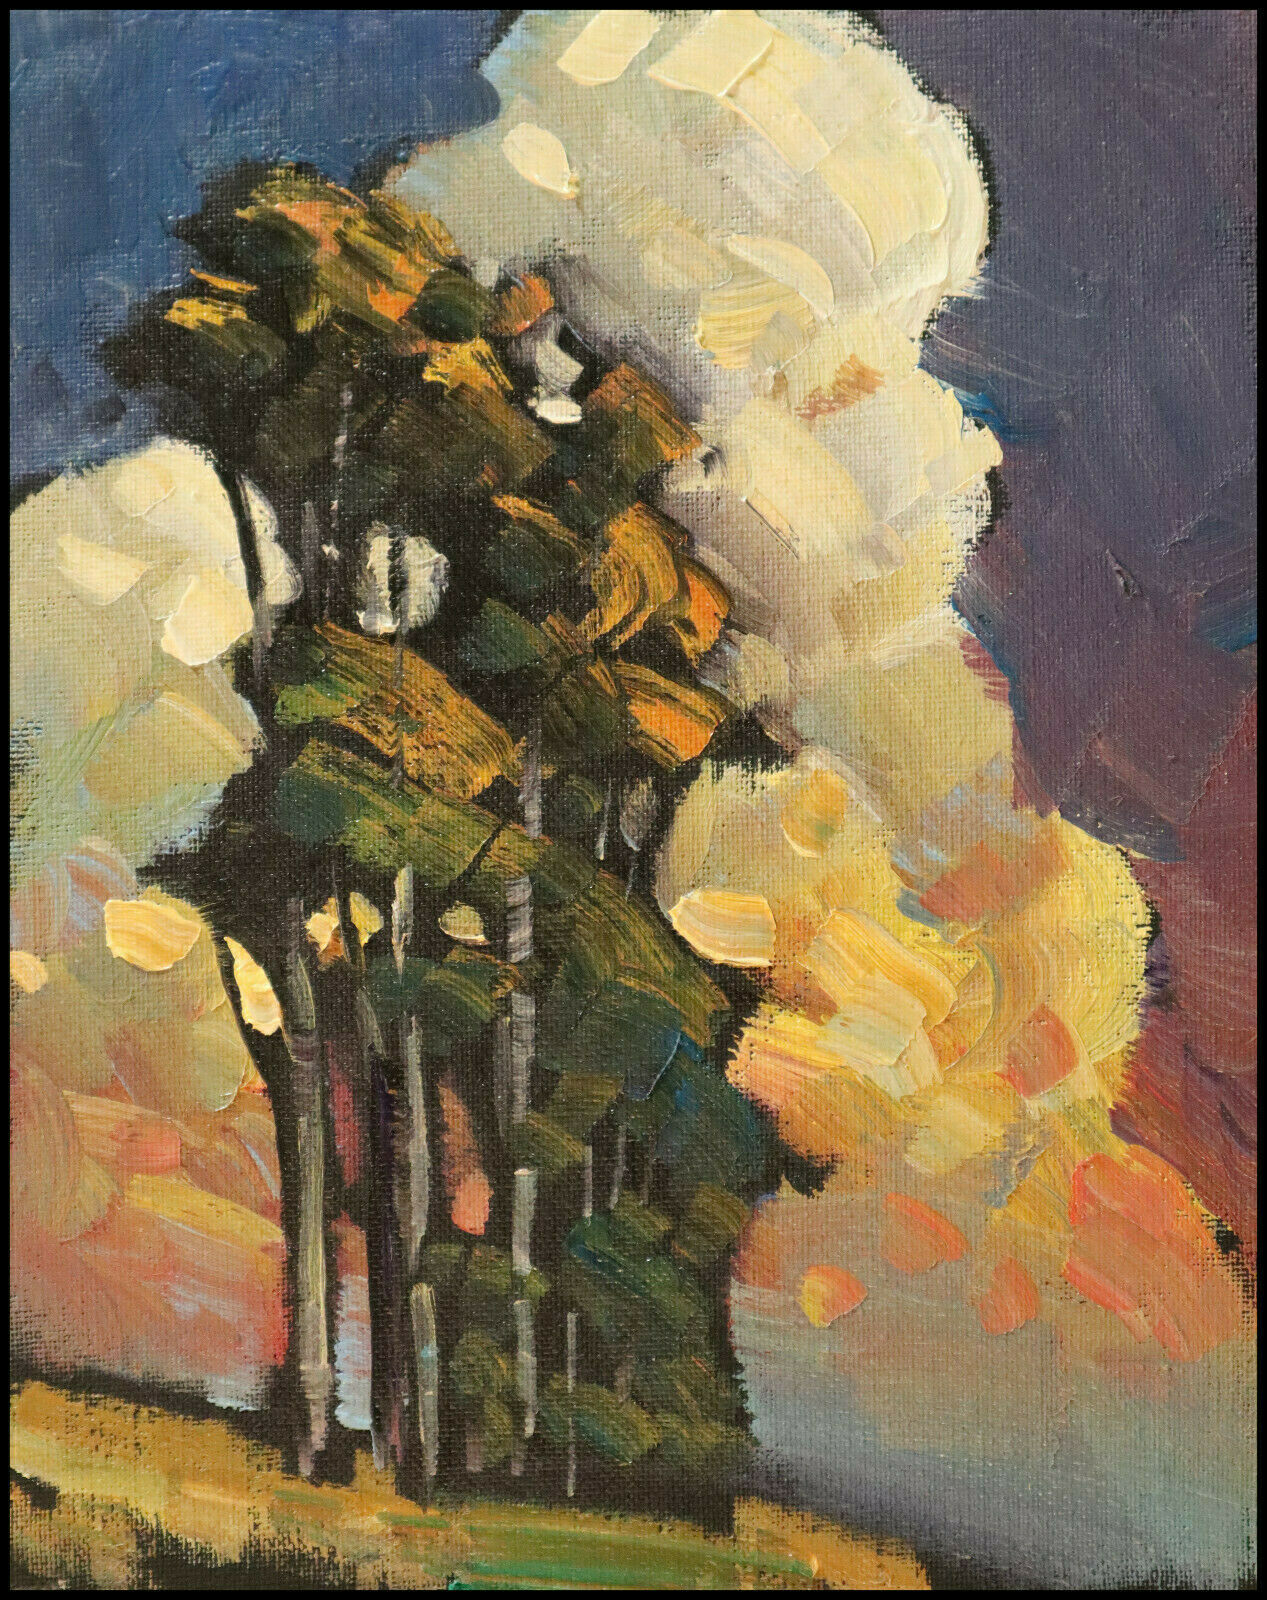 Wm HAWKINS  Original  Clouds Landscape Impressionism Tree Study Oil Painting Art 2